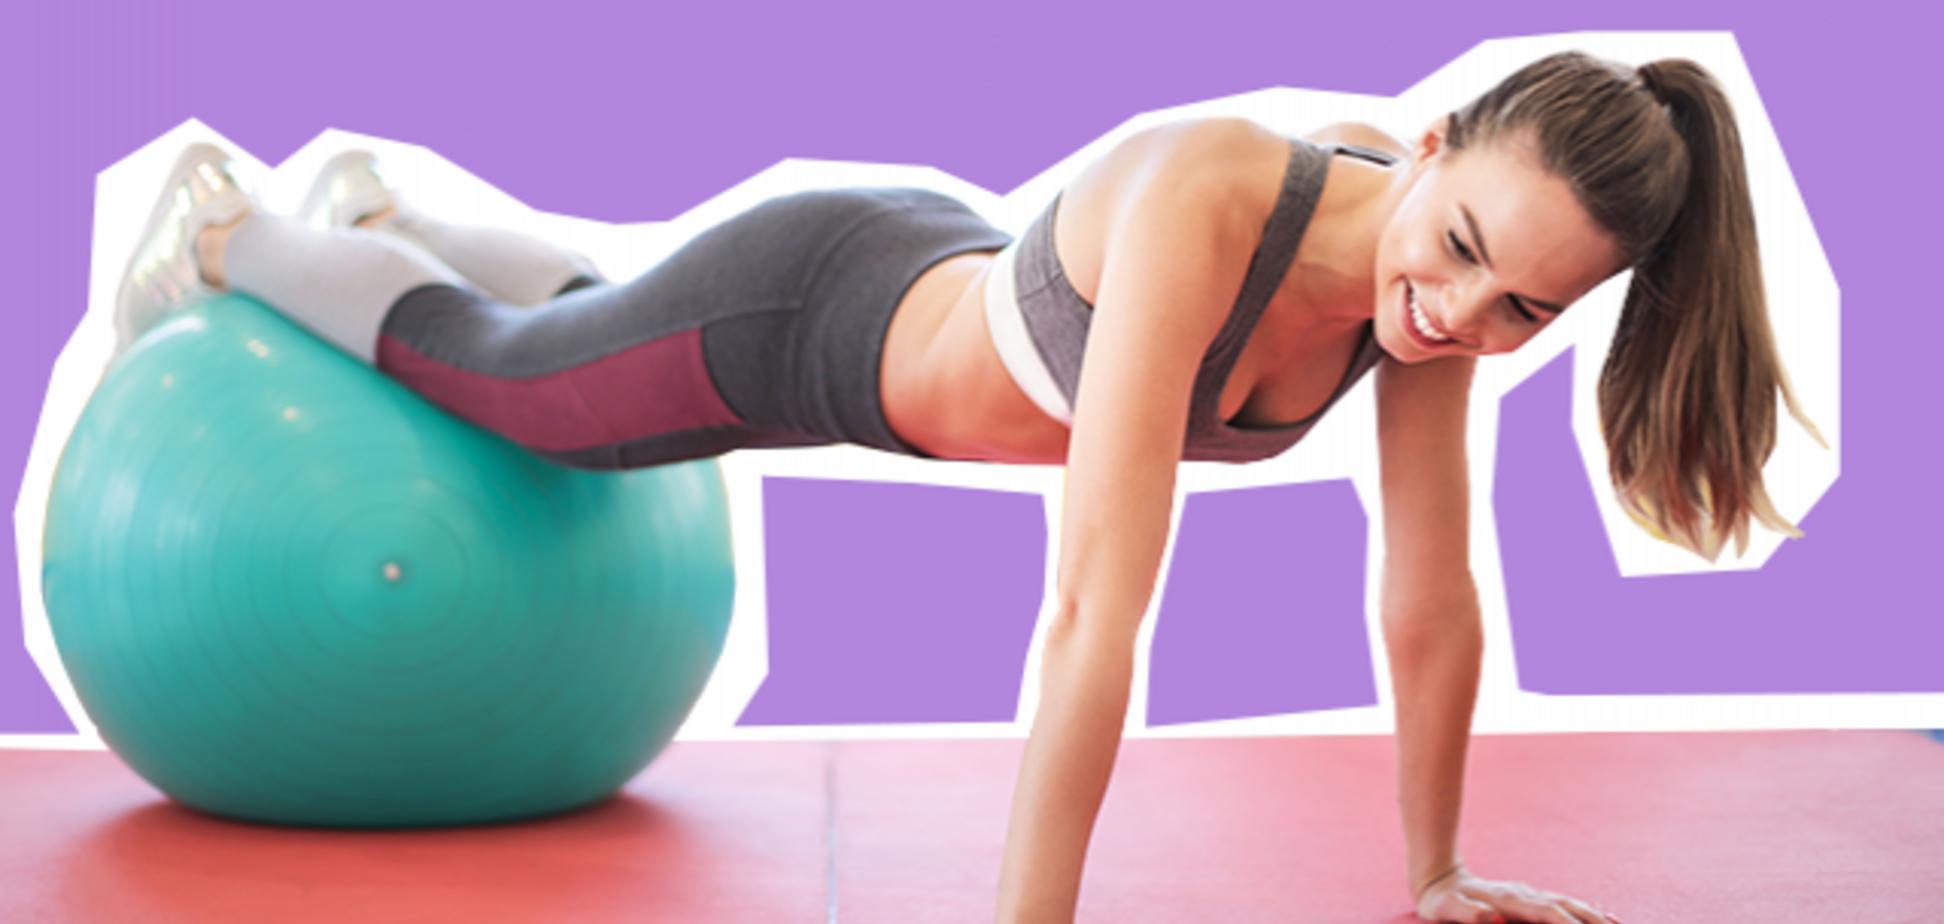 Как похудеть и больше не набирать вес: советы фитнес-тренера